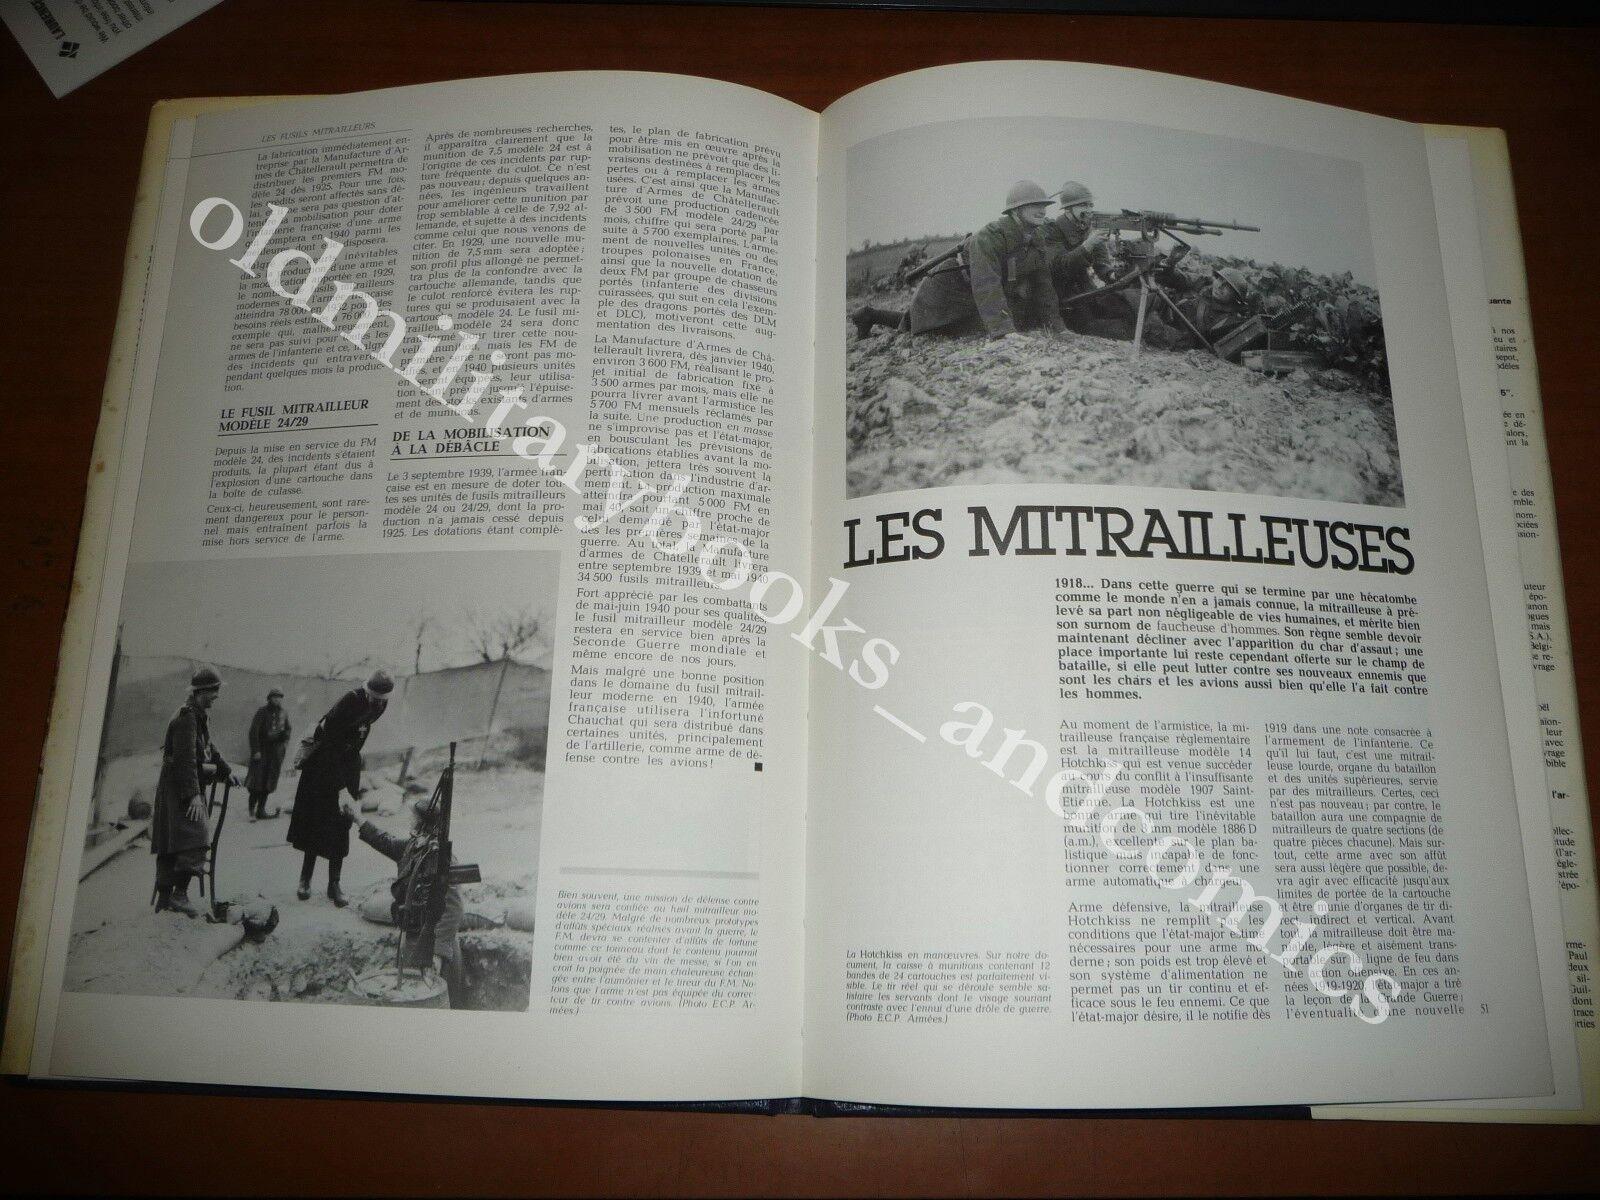 L'ARMAMENT DE L'INFANTERIE FRANCAISE 1918-1940 FERRAND 1979 ARMI WWII